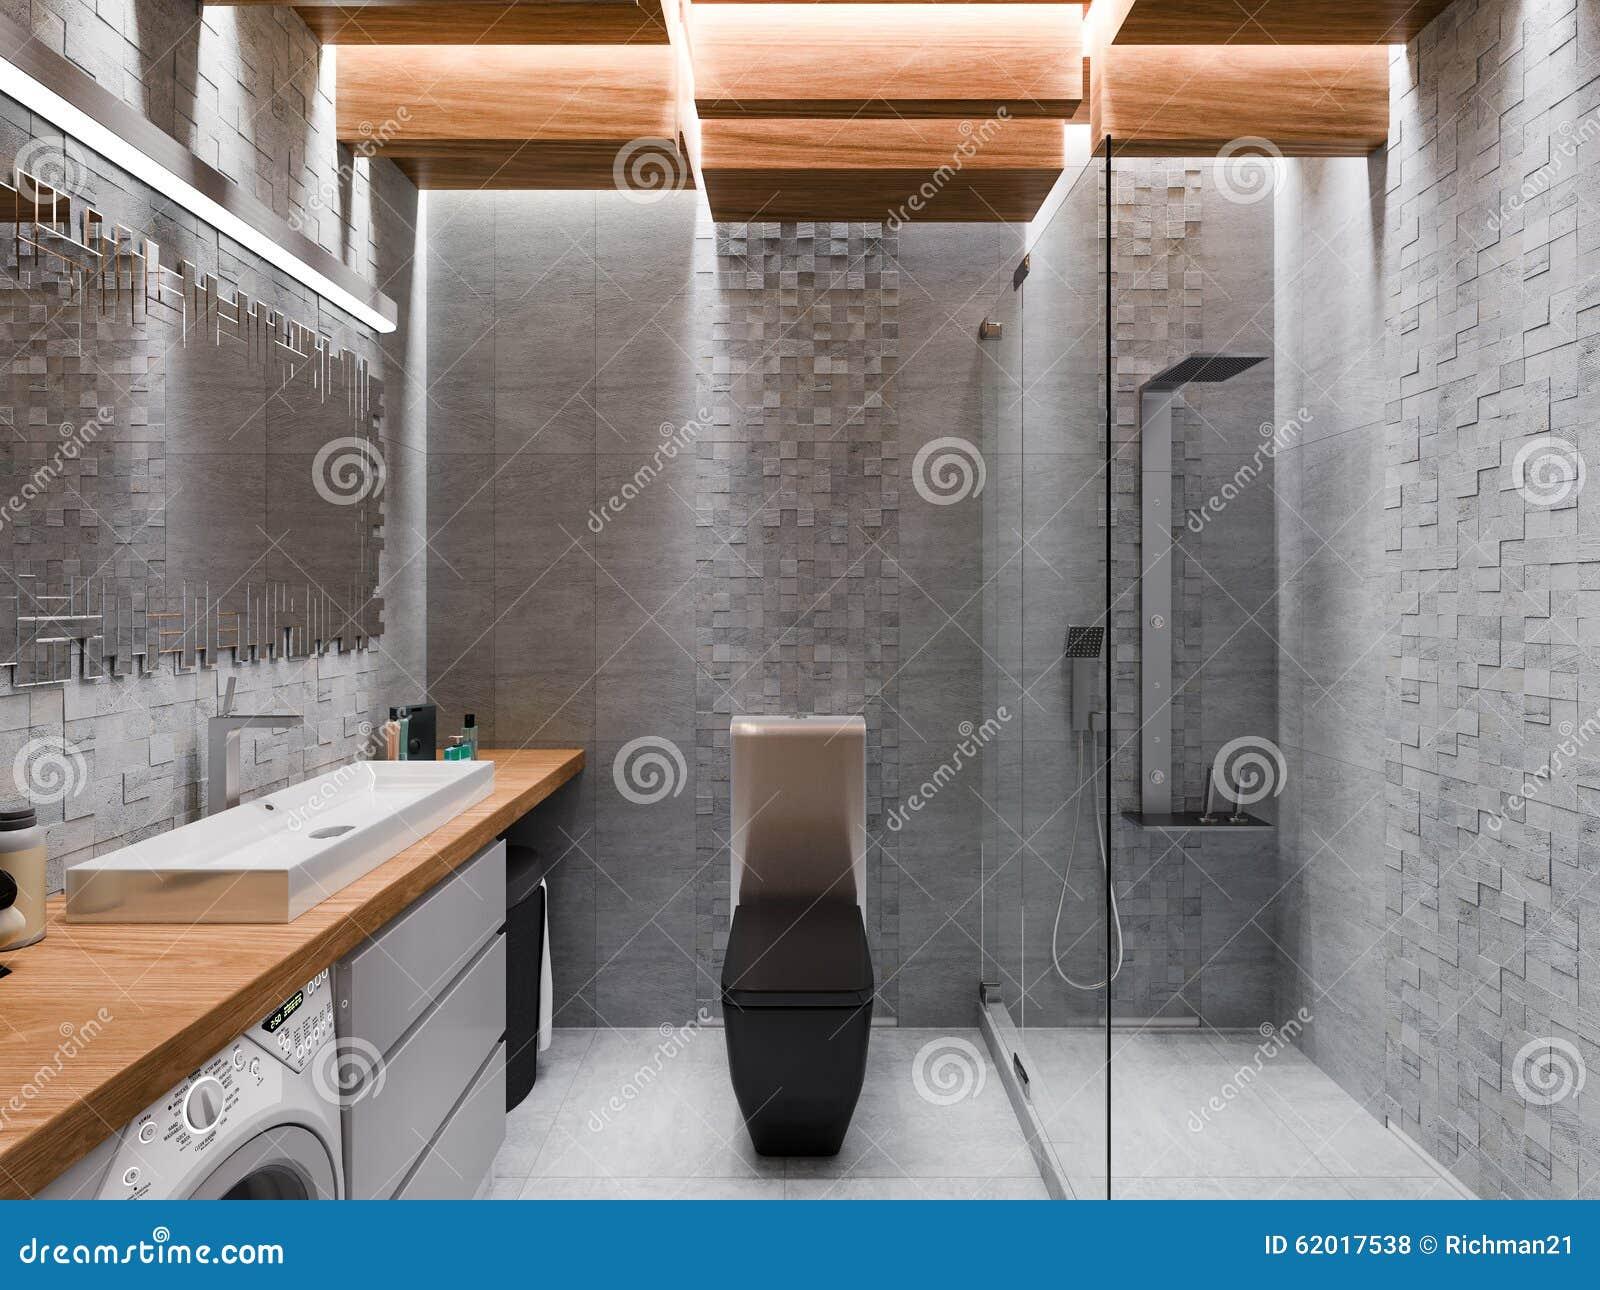 Bagno Legno E Mosaico : Visualizzazione d di un bagno in una pietra grigia ed in un